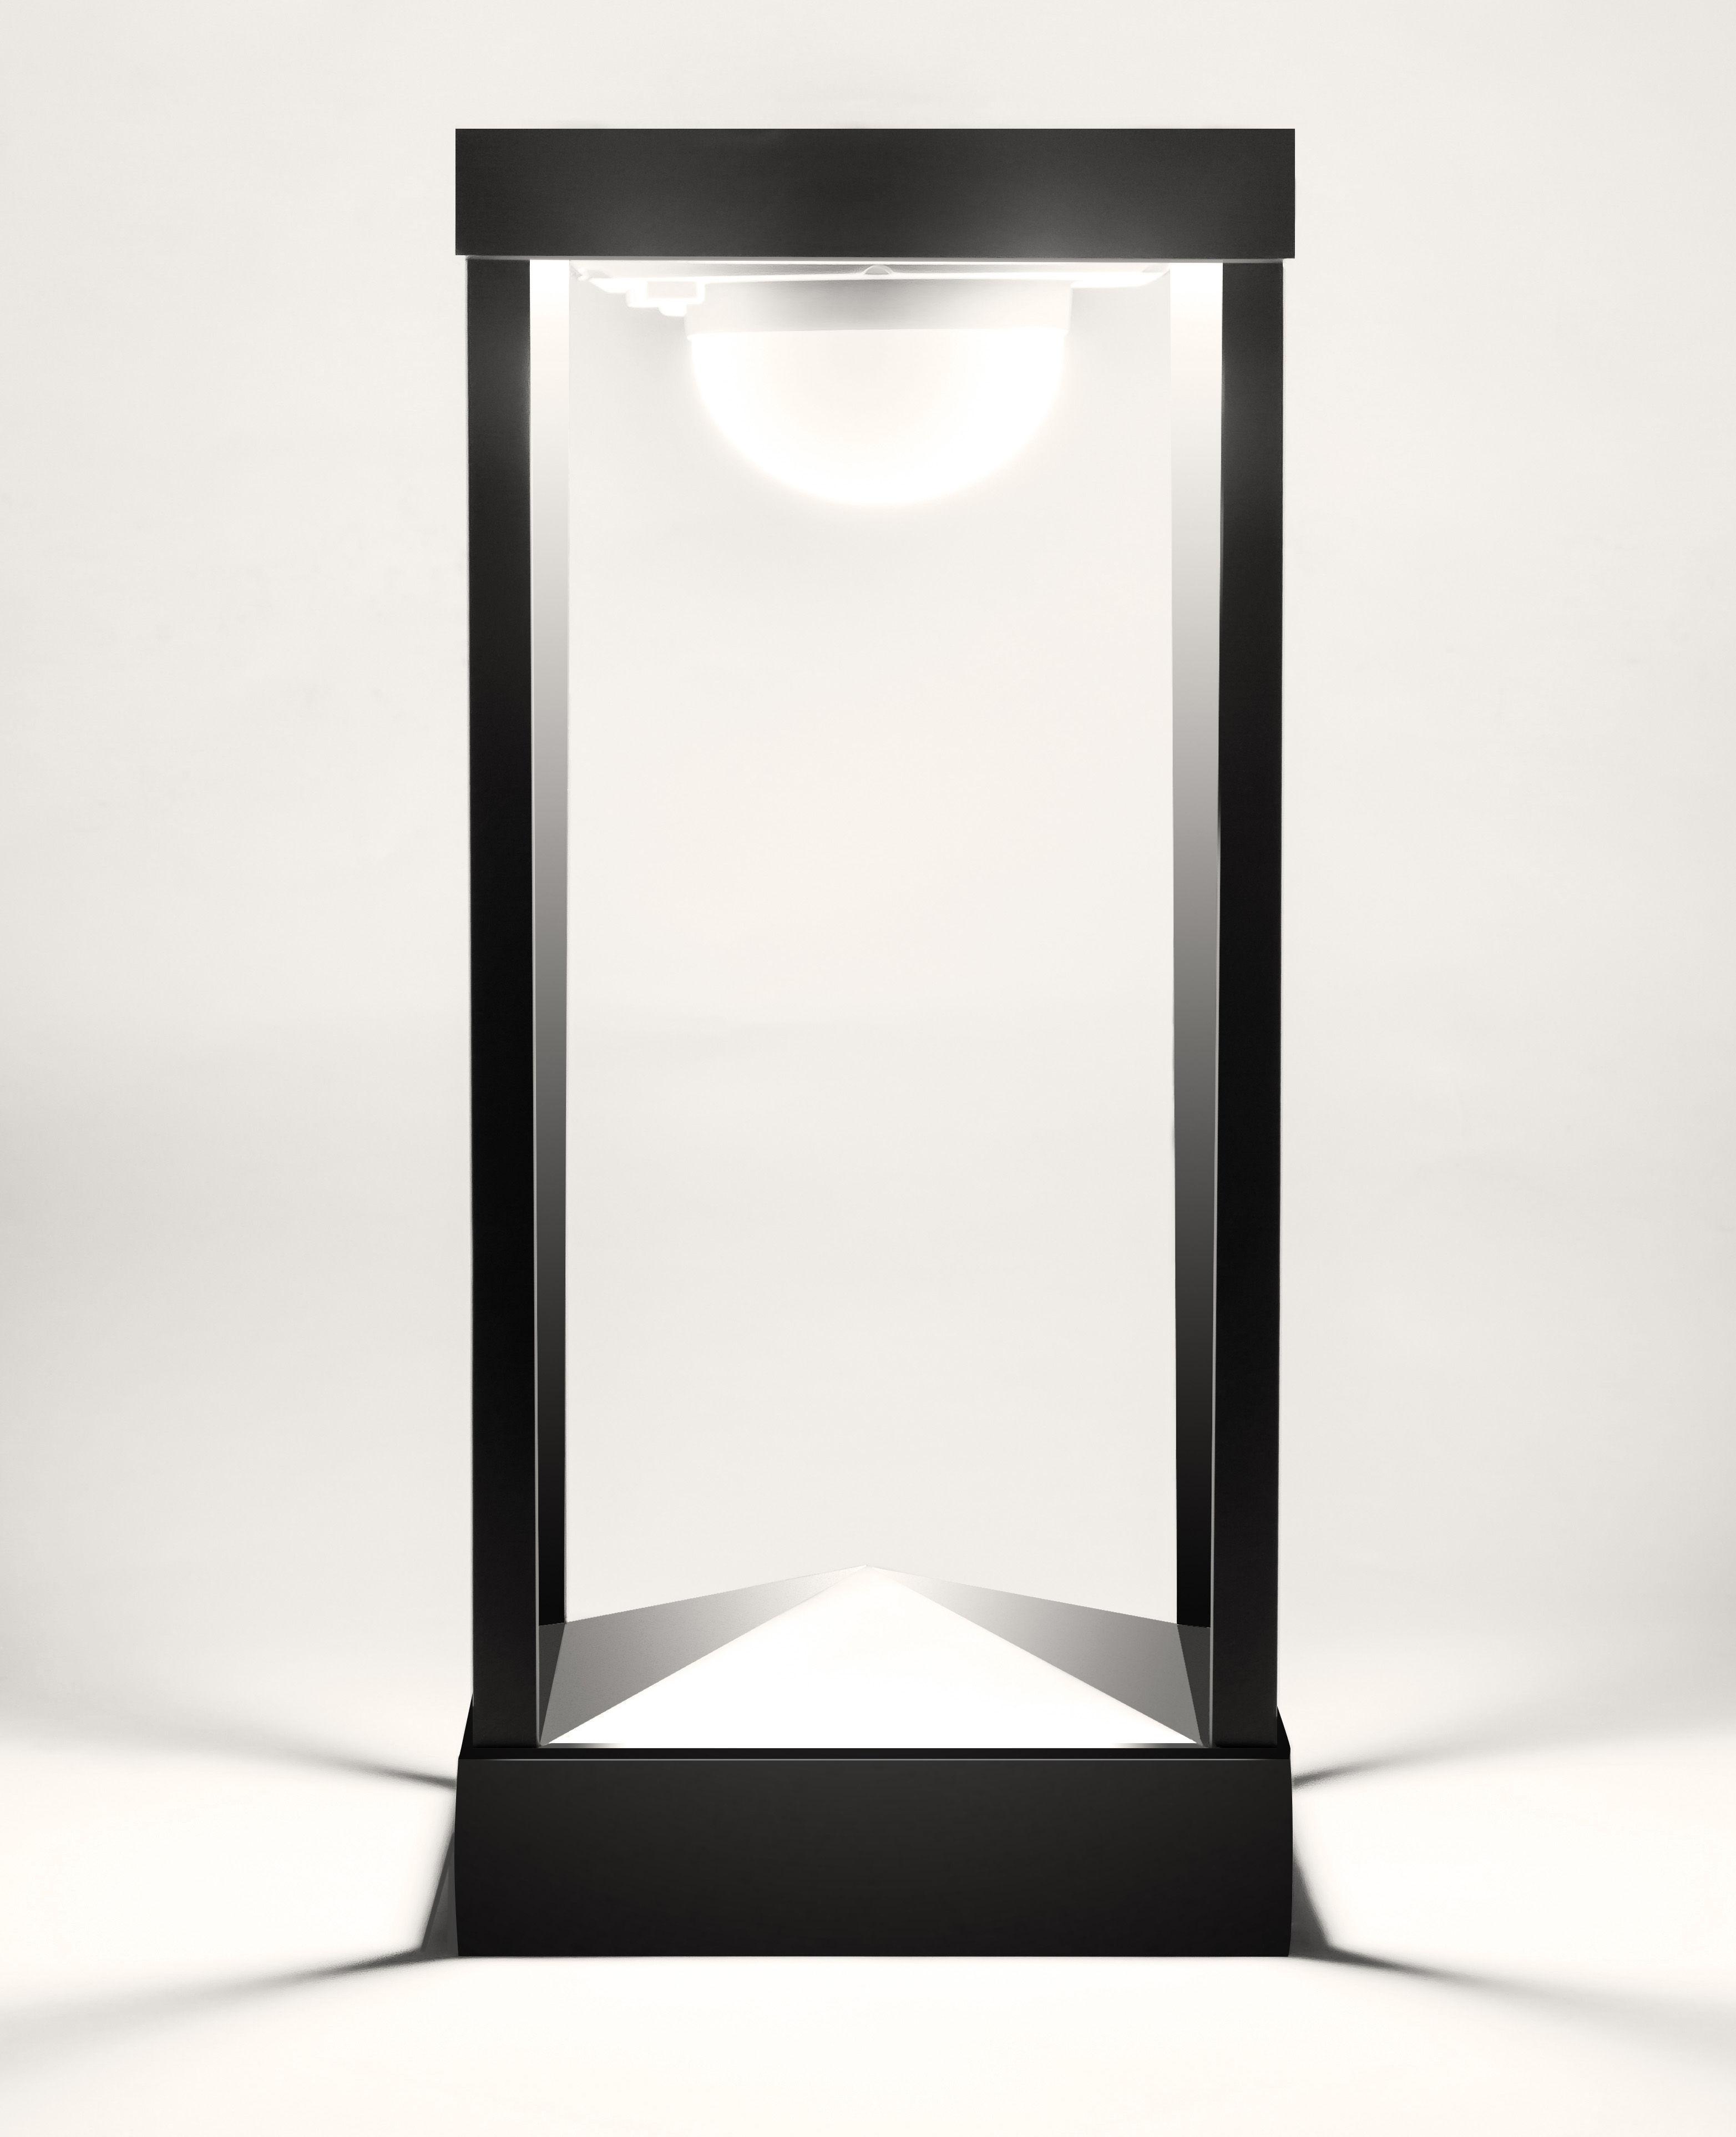 lampe solaire la lampe parc m led sans fil h 40 cm. Black Bedroom Furniture Sets. Home Design Ideas